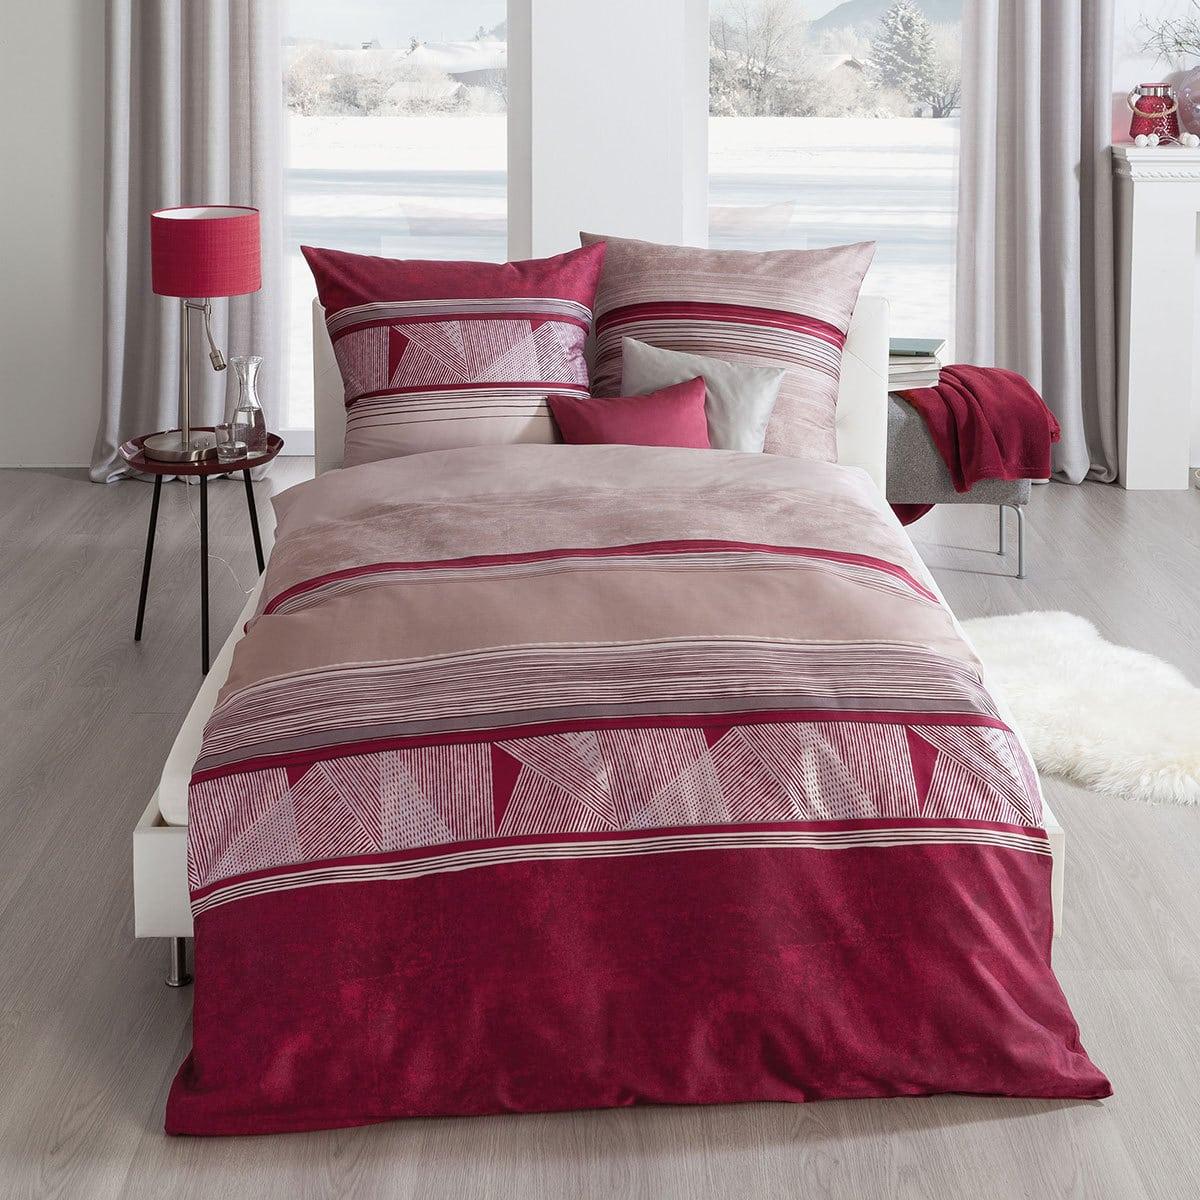 kaeppel mako satin bettw sche radiance g nstig online kaufen bei bettwaren shop. Black Bedroom Furniture Sets. Home Design Ideas